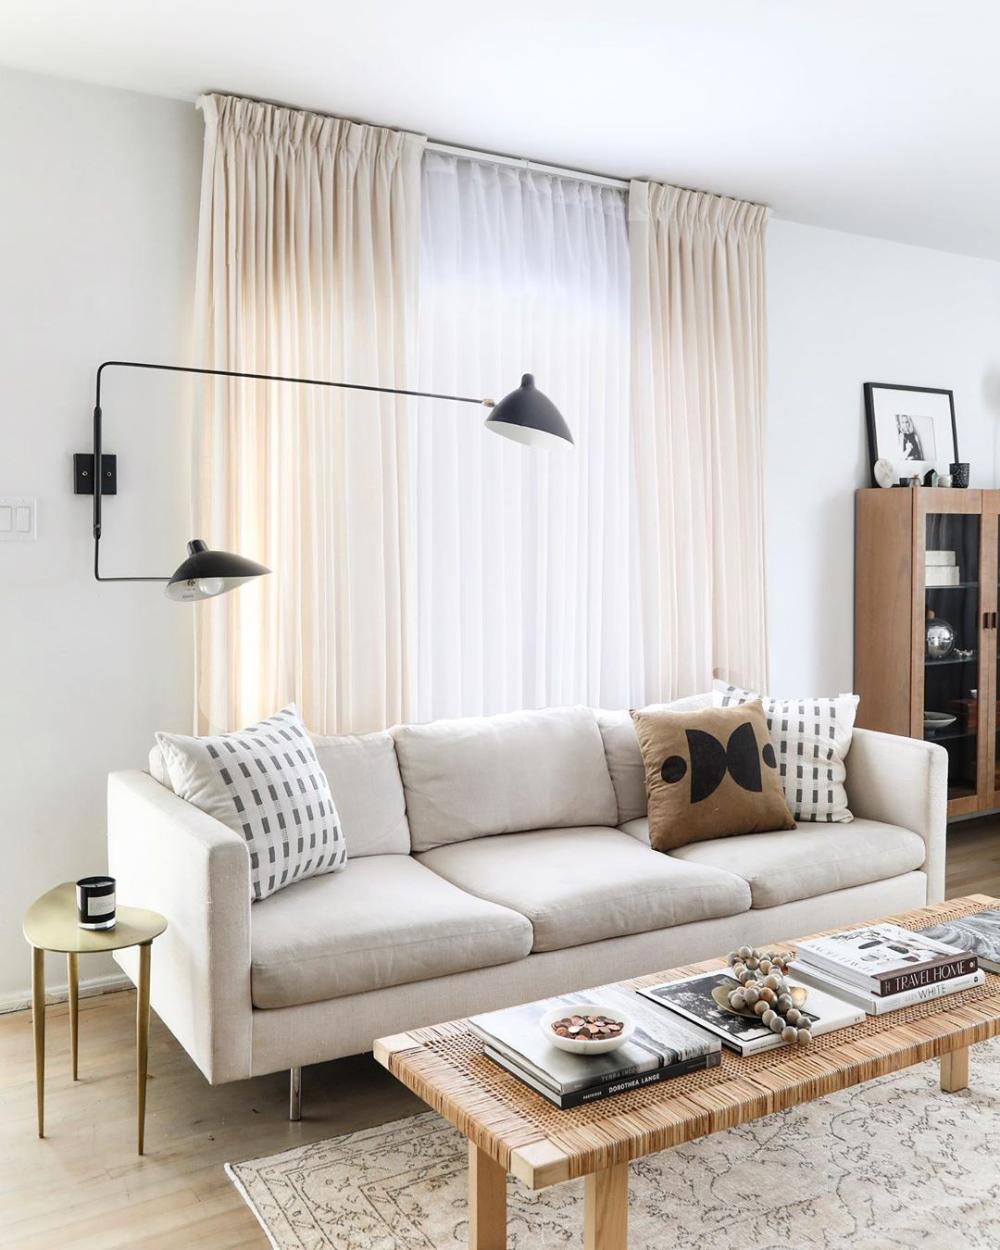 900 Fresh Living Room Design Ideas In 2021 Design House Interior Interior